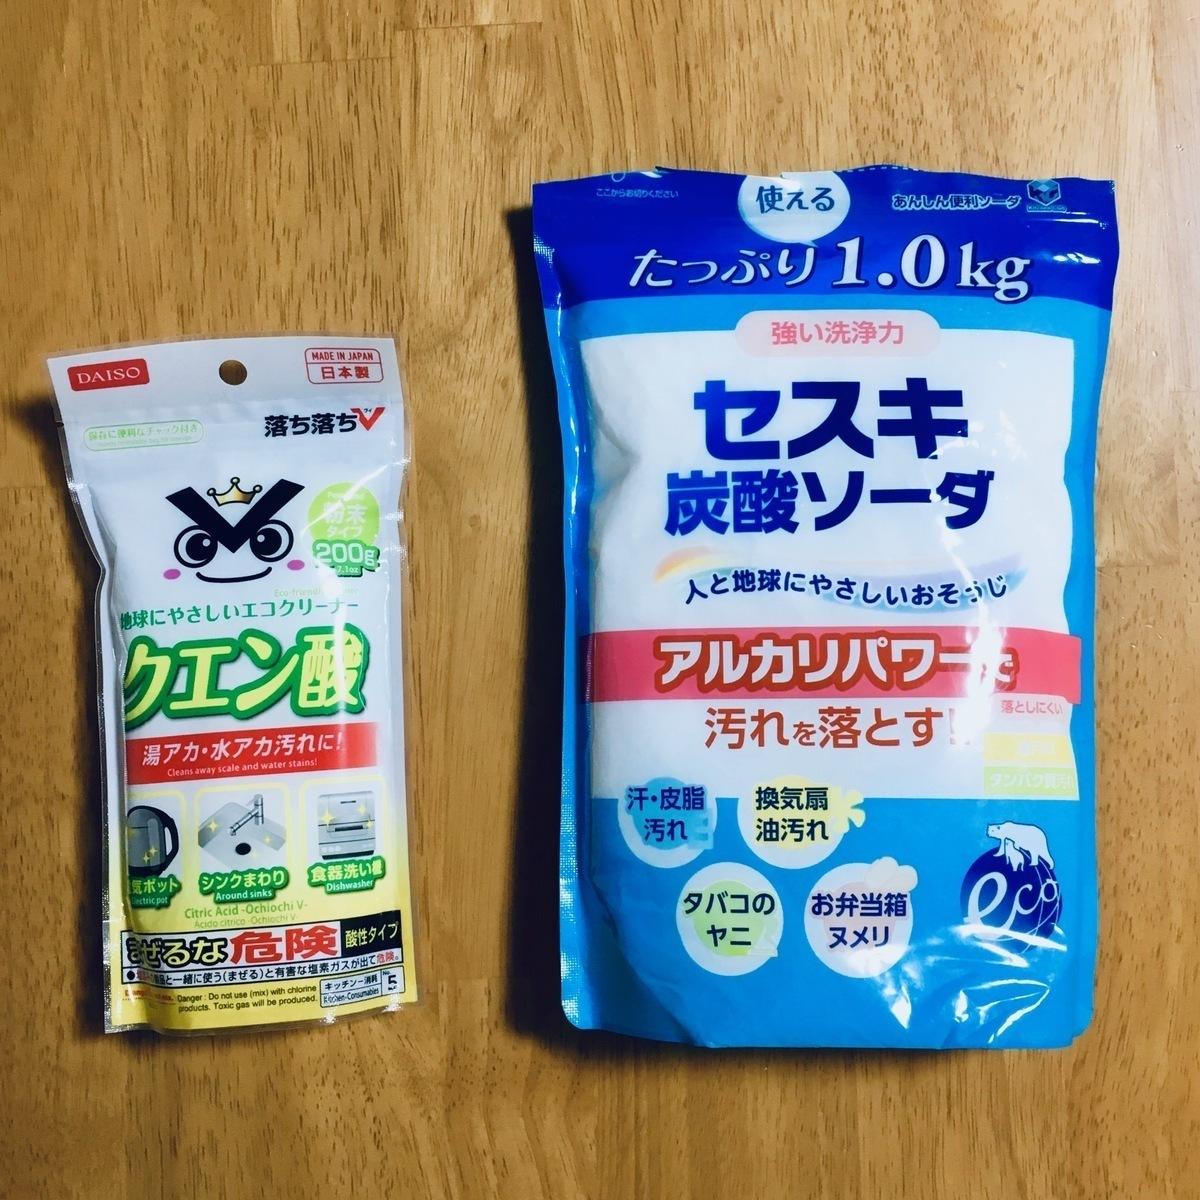 トイレ 壁 掃除 セスキ炭酸ソーダ